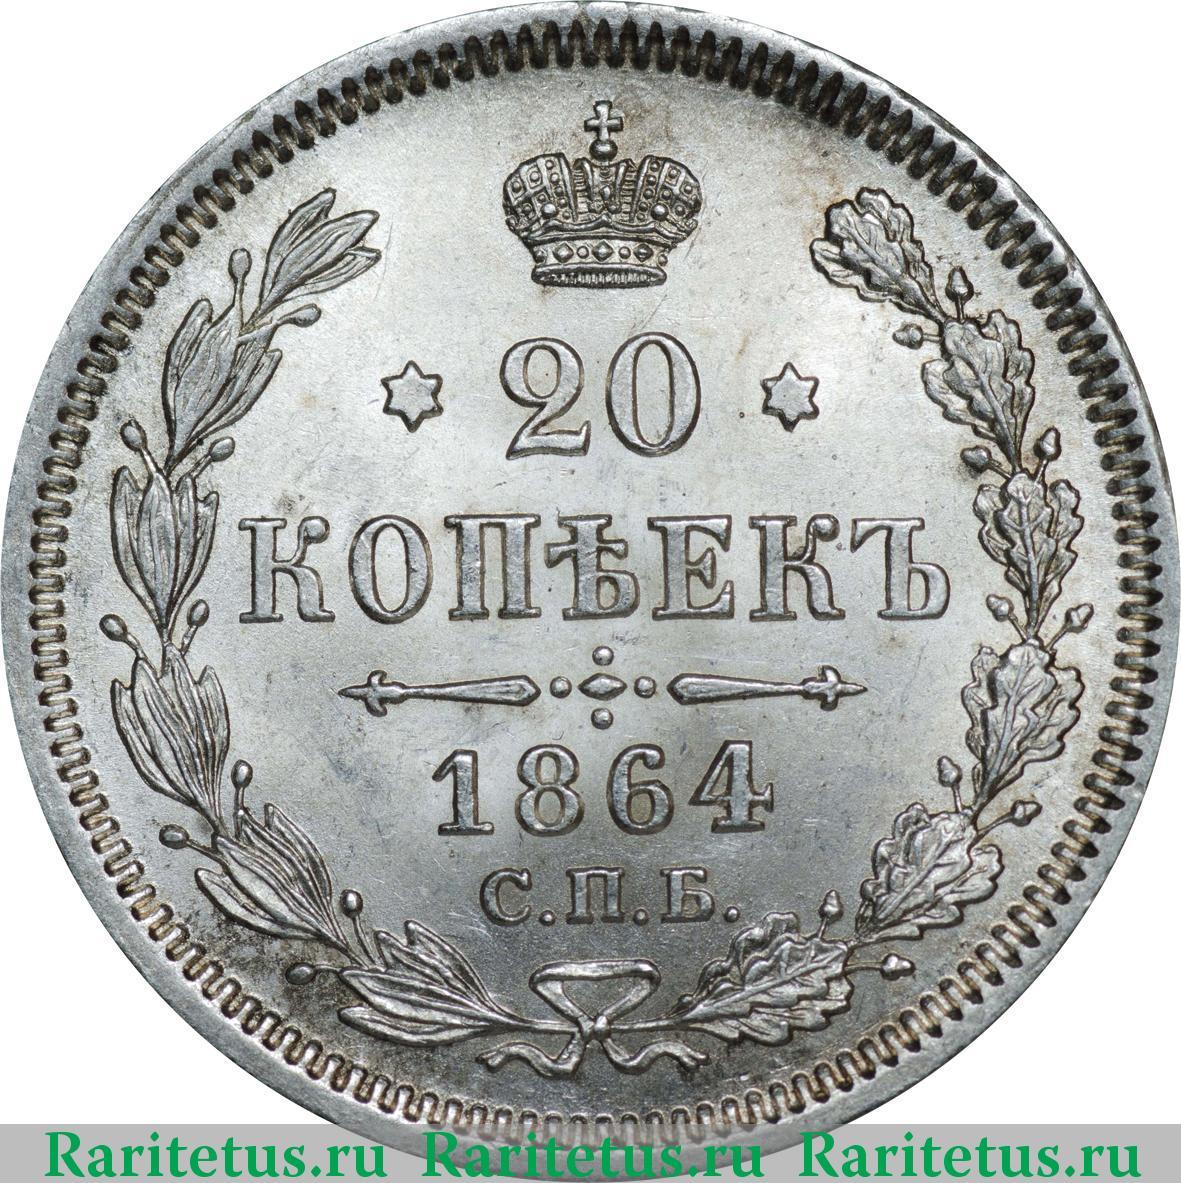 20 копеек 1860 года разновидности куплю иностранные монеты